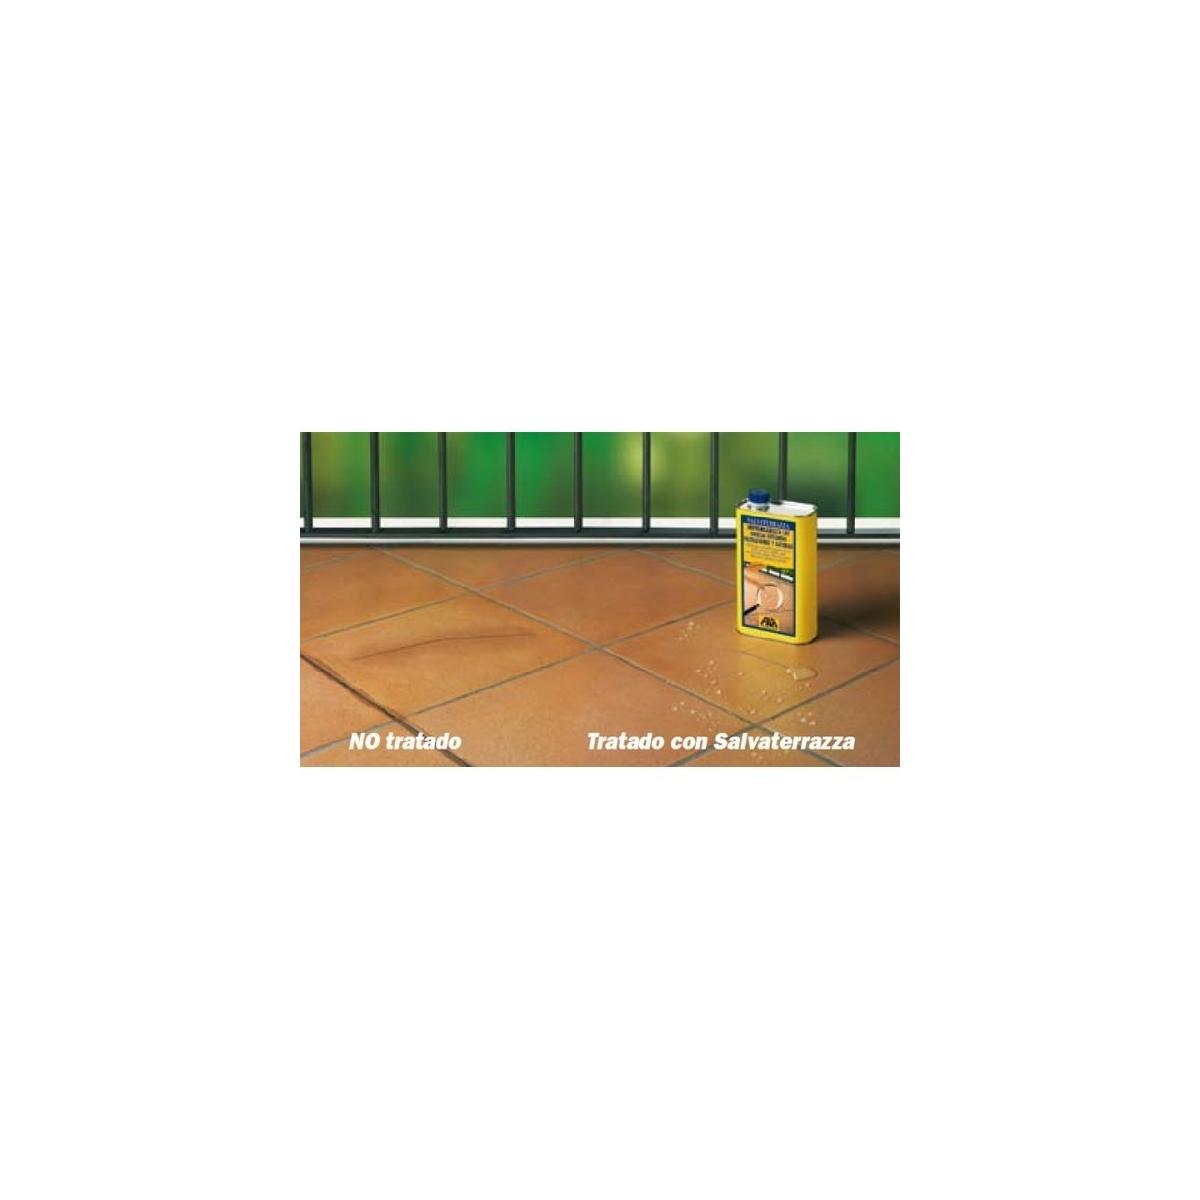 Salvaterrazza - Impermeabilizante - Protección de pavimentos y revestimientos - Marca Fila